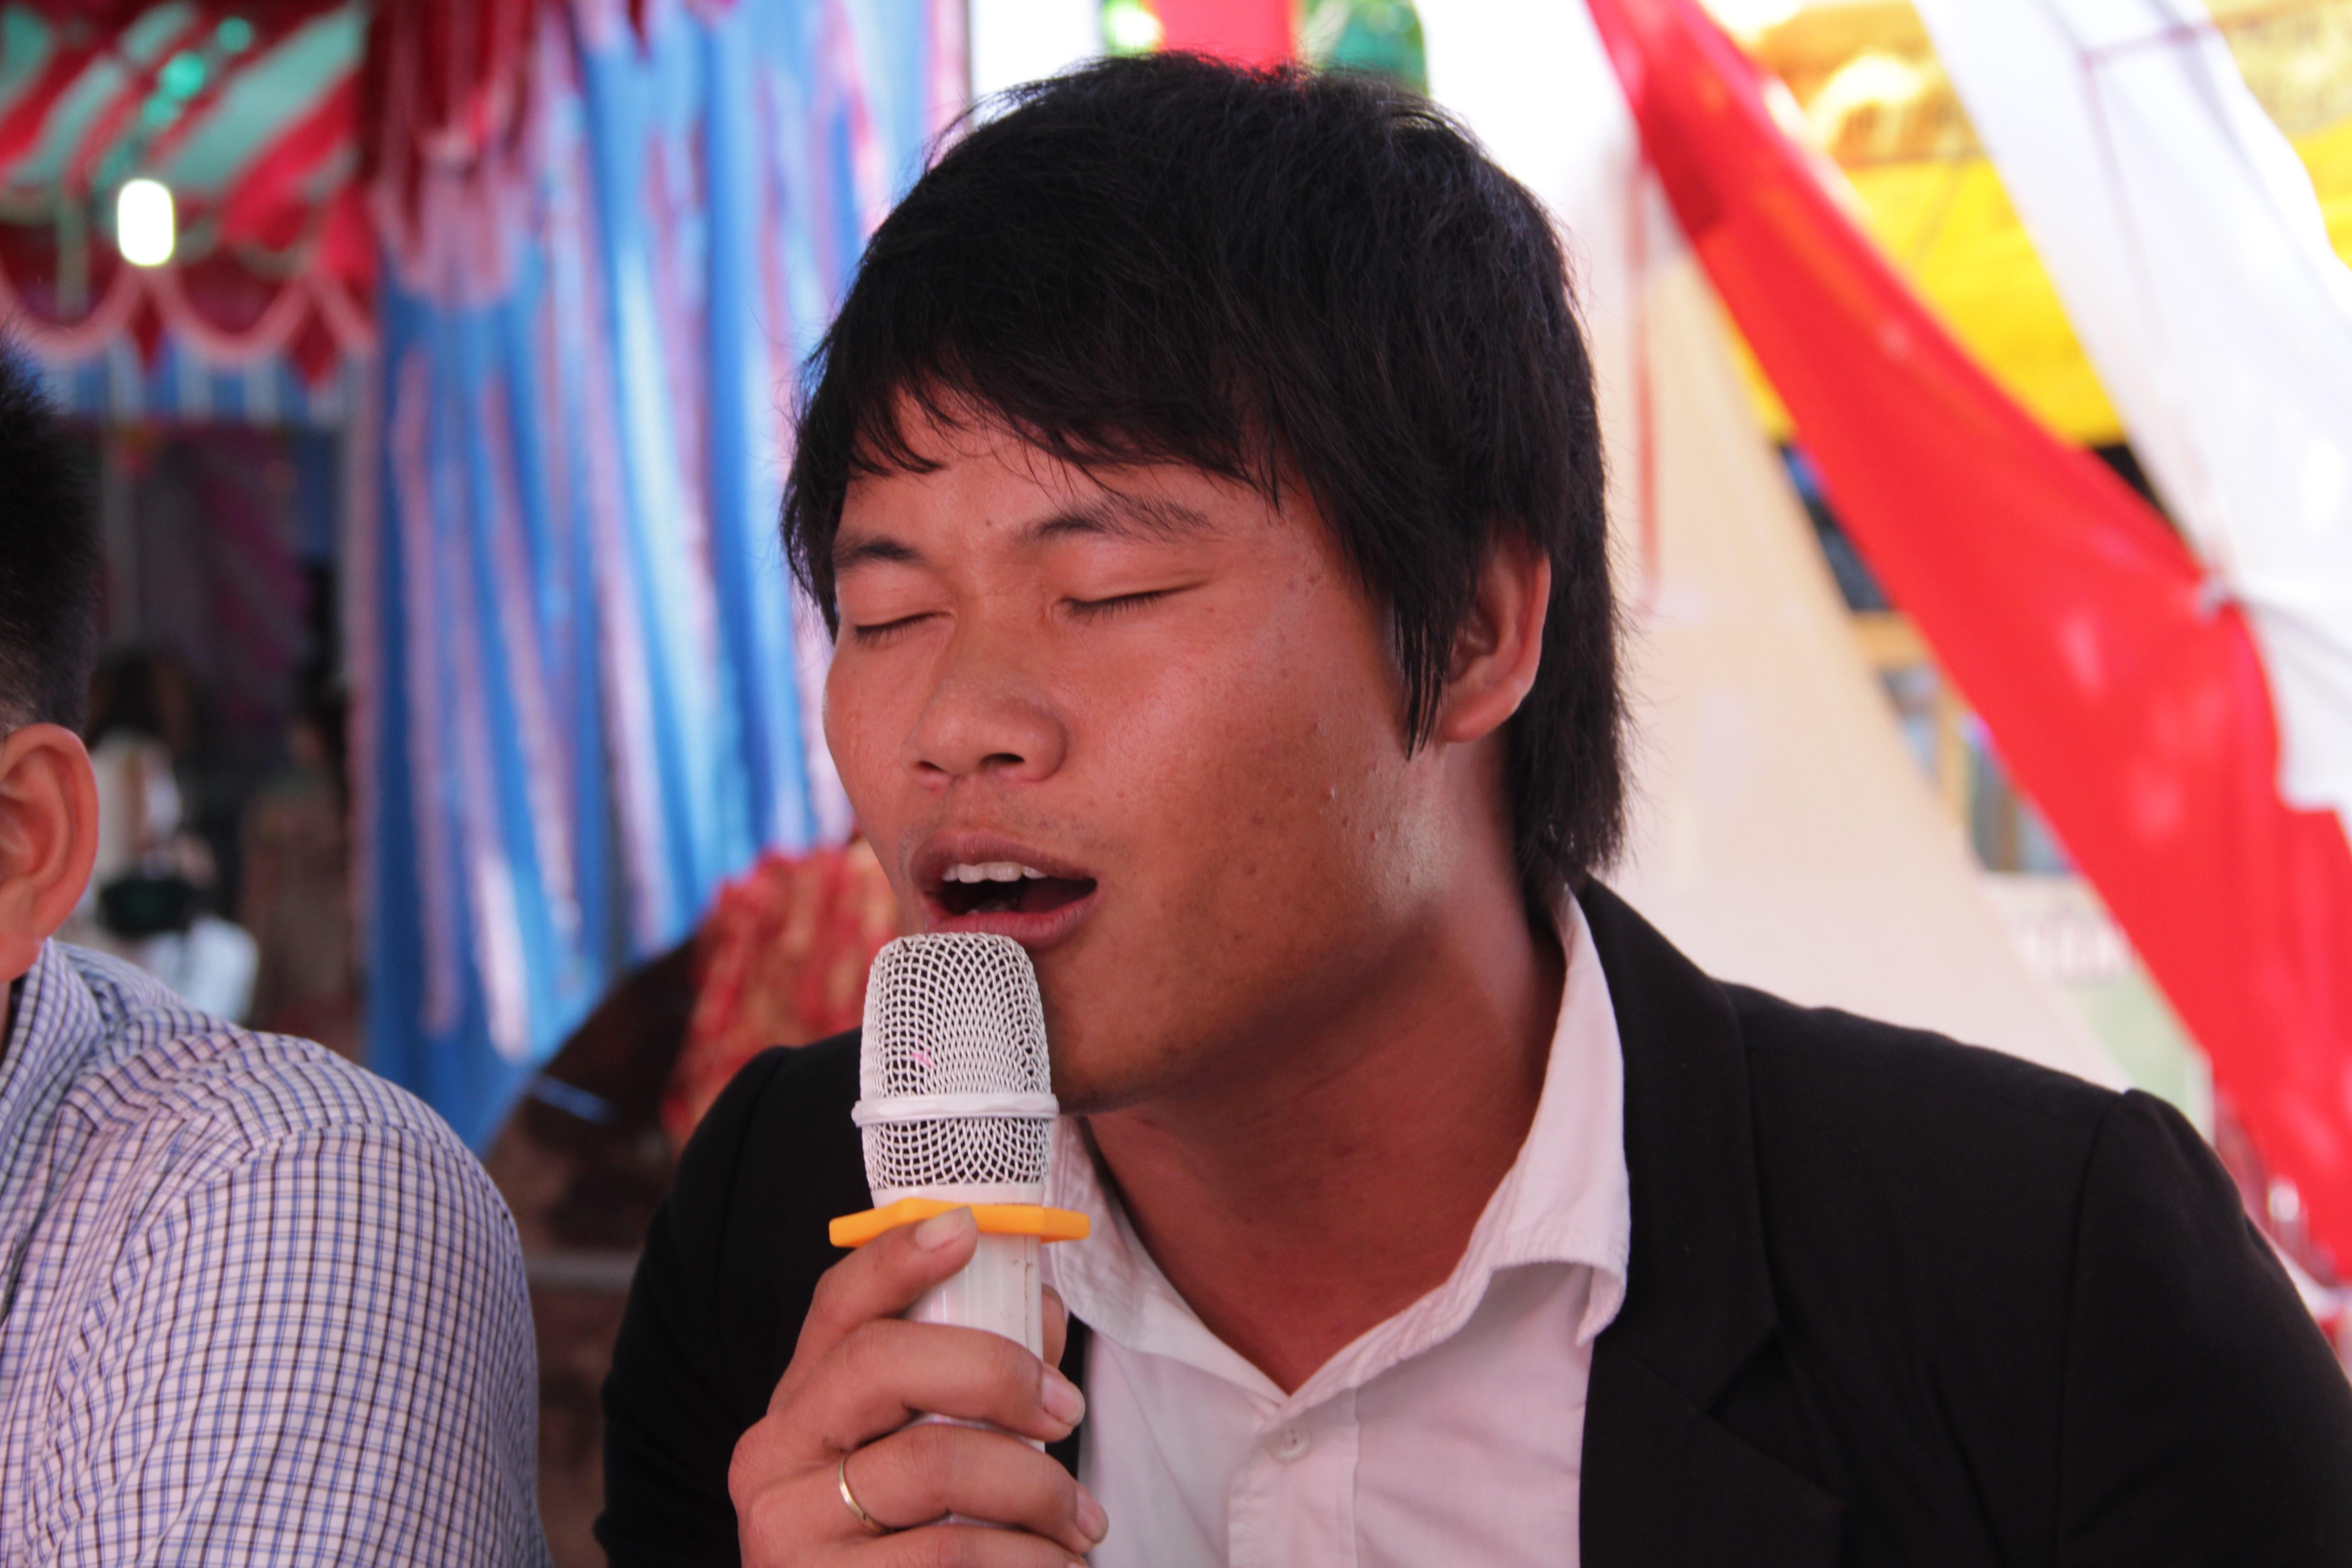 Les convives sont ravis de chanter à tour de rôle.